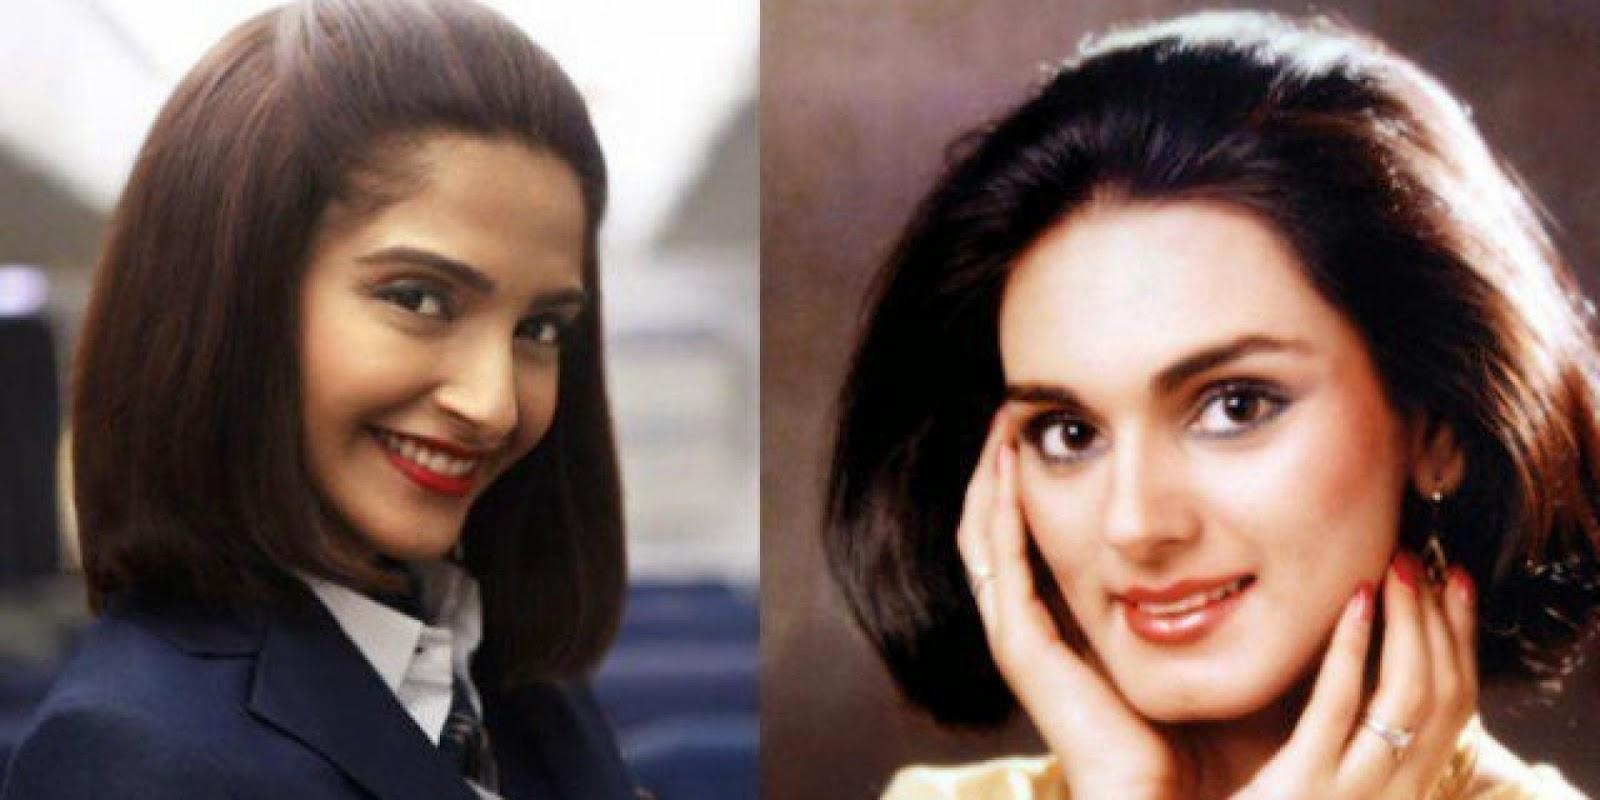 neerja-bhanot-sonam-panam-airlines-flight-attendant-vikrmn-ca-vikram-verma-author-10alone-kuwait